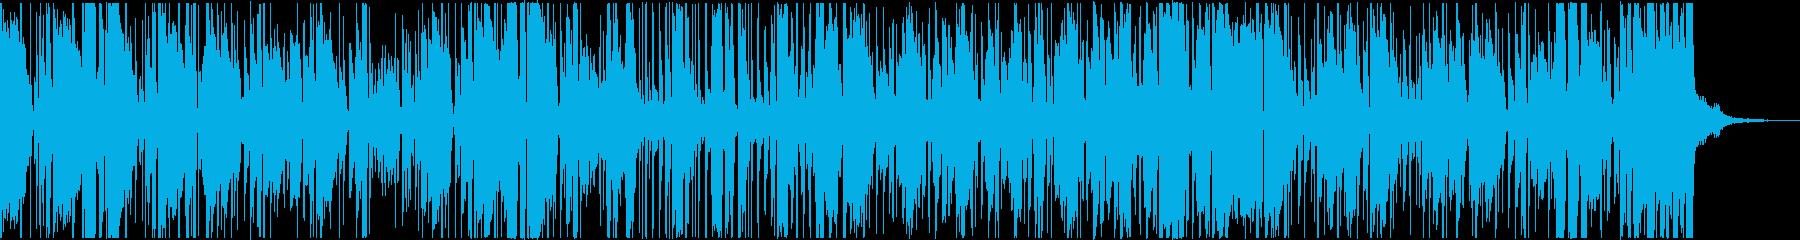 声をフィーチャーしたクールなヒップホップの再生済みの波形